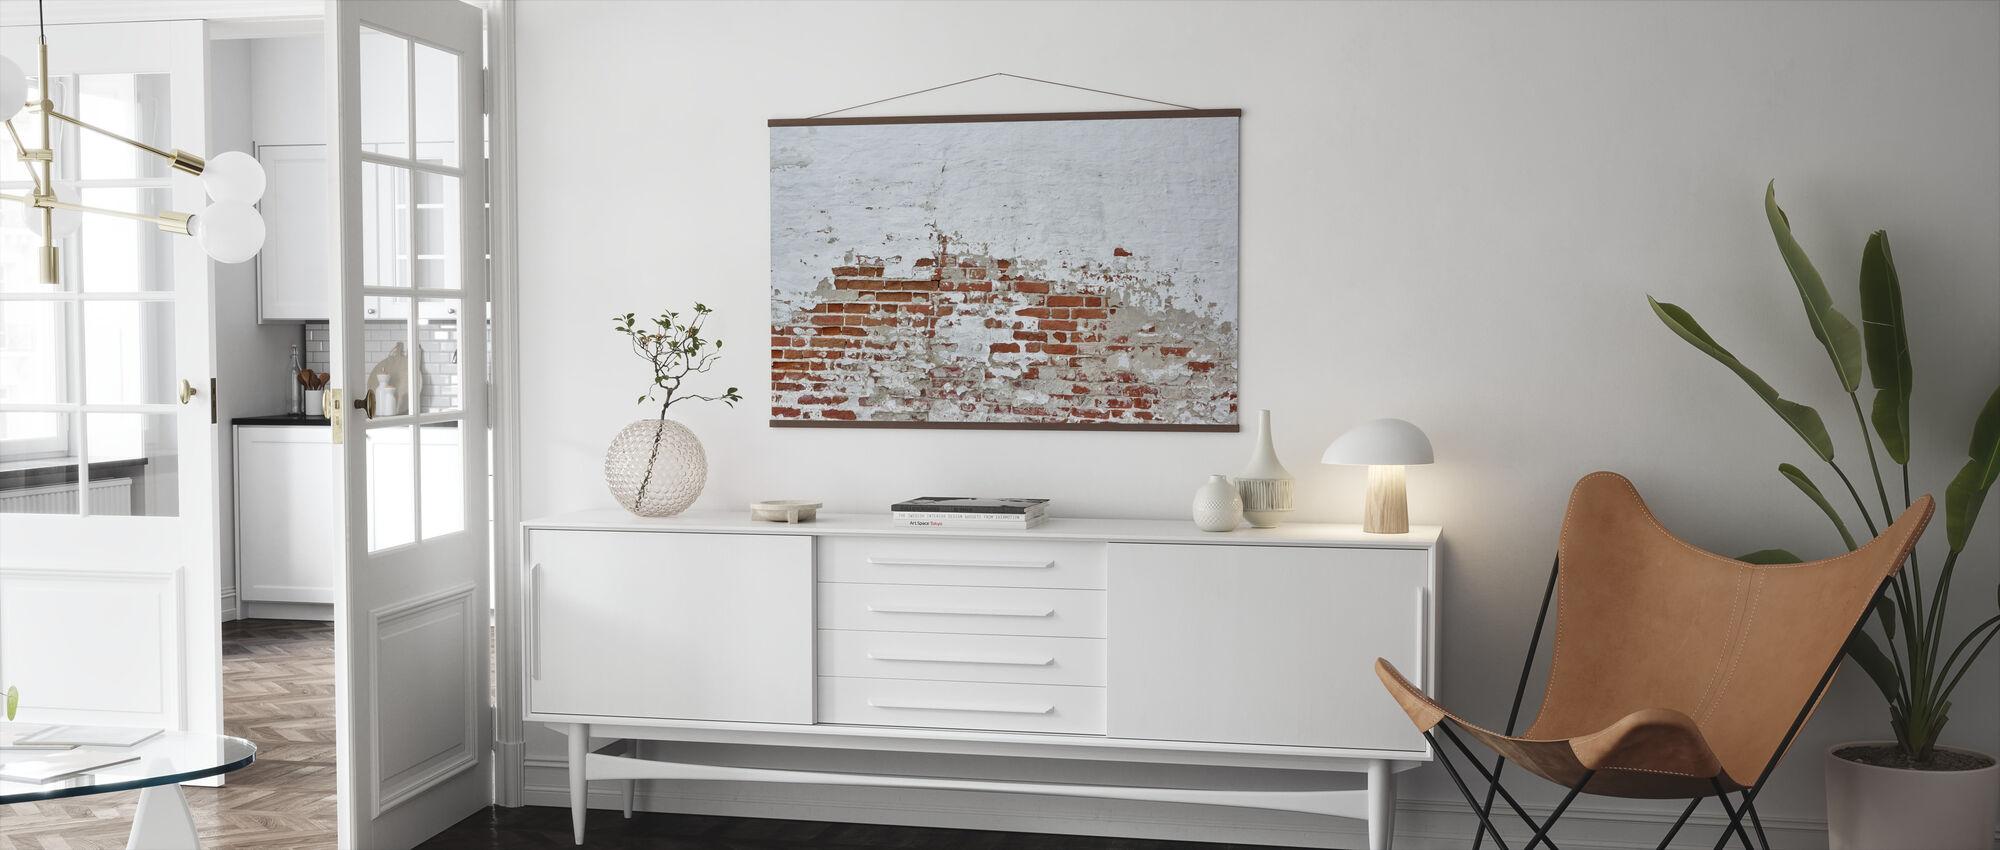 Rød murvegg med drysset hvit gips - Plakat - Stue